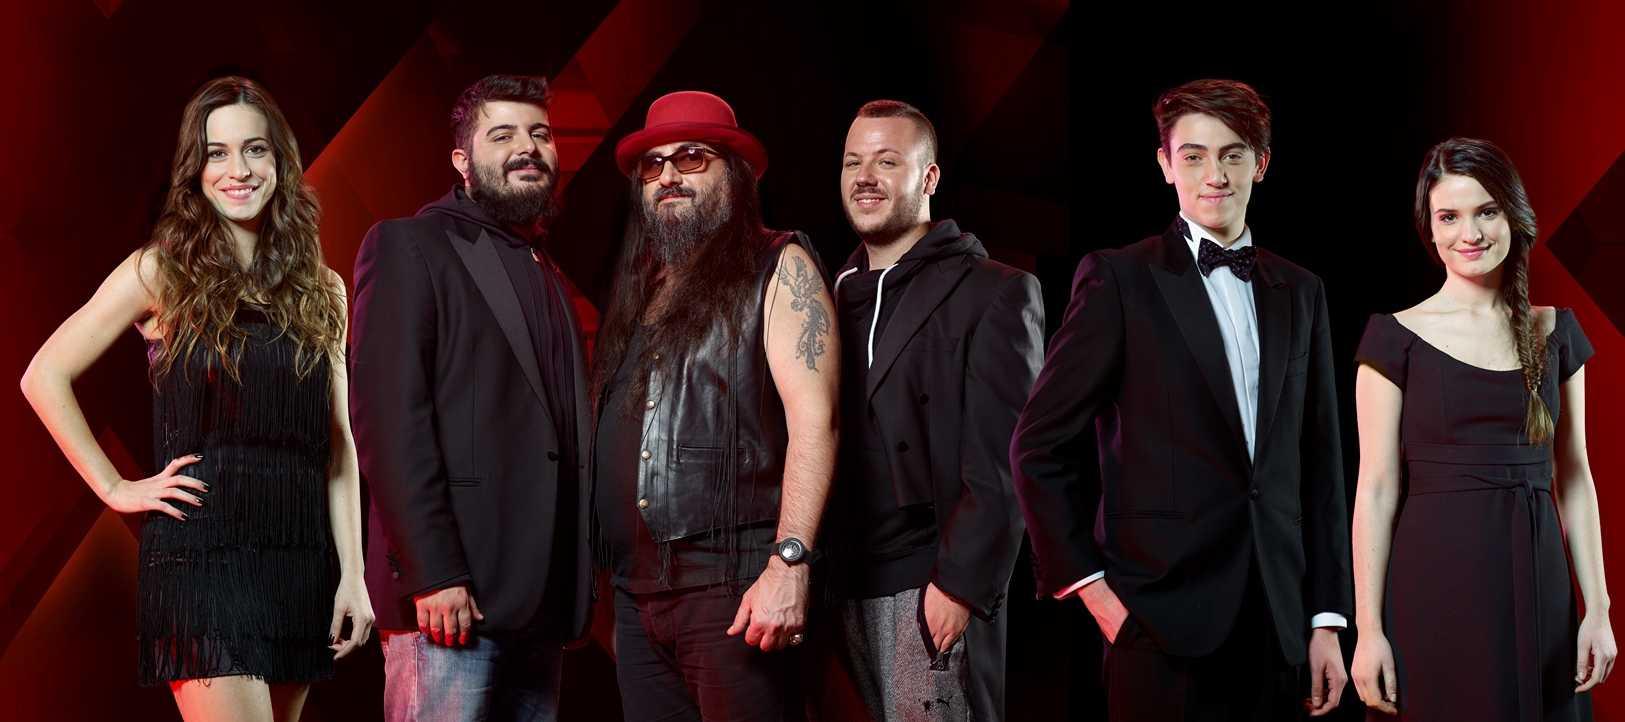 X Factor: la finale in diretta anche free su Cielo | Digitale terrestre: Dtti.it